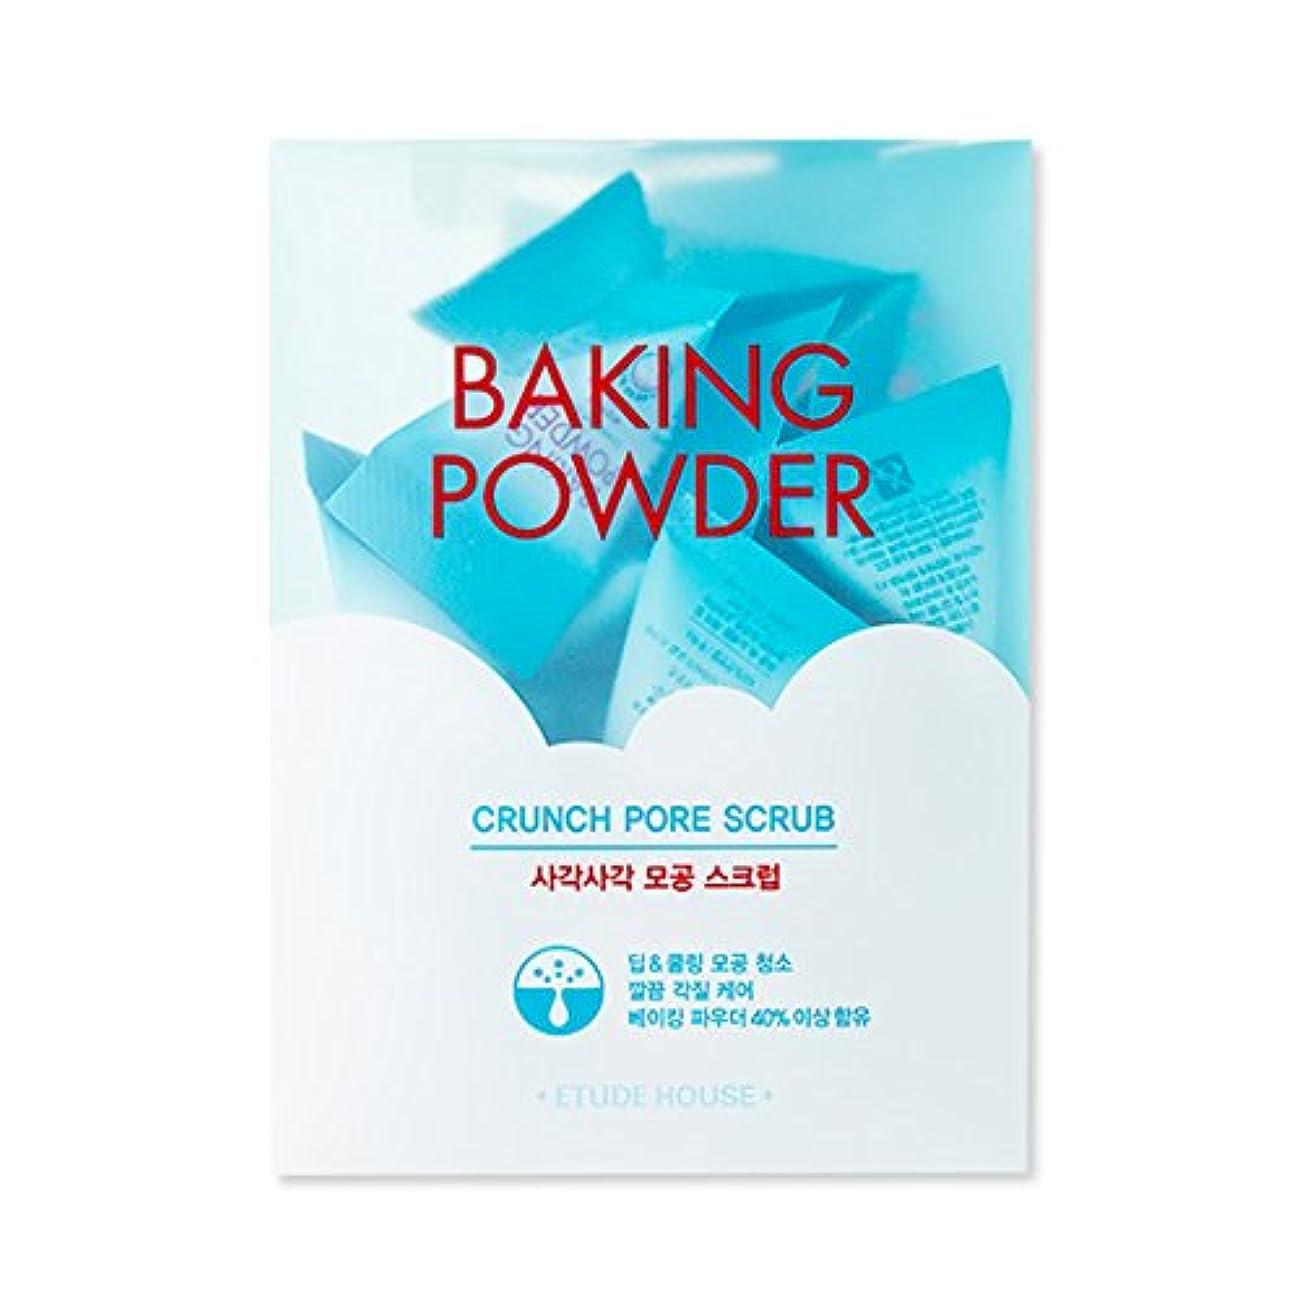 買い手週間豪華な[2016 Upgrade!] ETUDE HOUSE Baking Powder Crunch Pore Scrub 7g×24ea/エチュードハウス ベーキング パウダー クランチ ポア スクラブ 7g×24ea [...